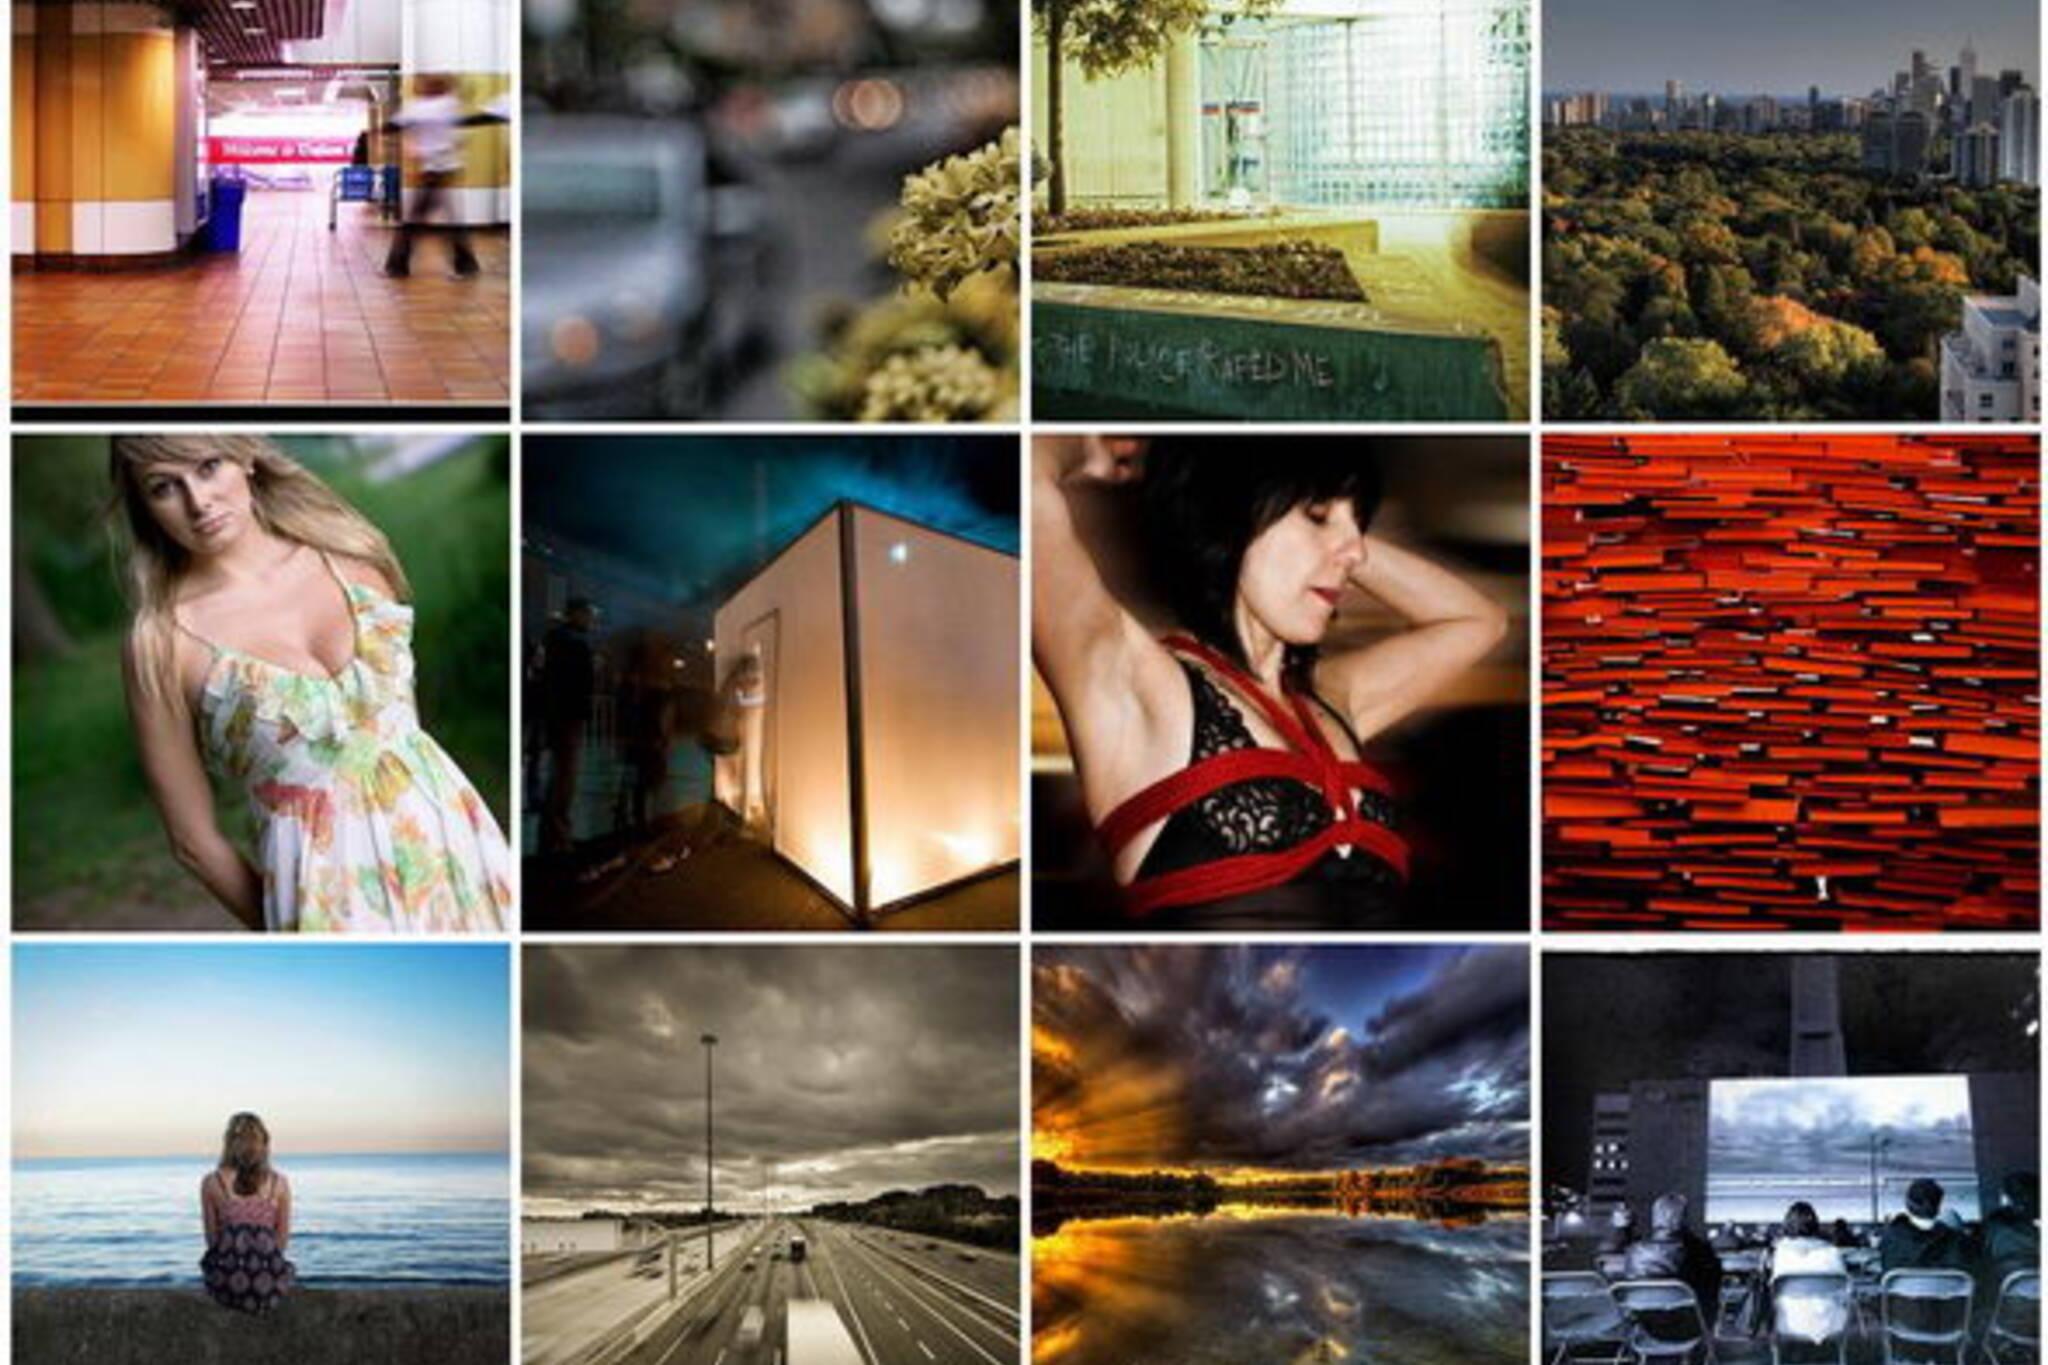 Flickr Forum - October 10th, 2008